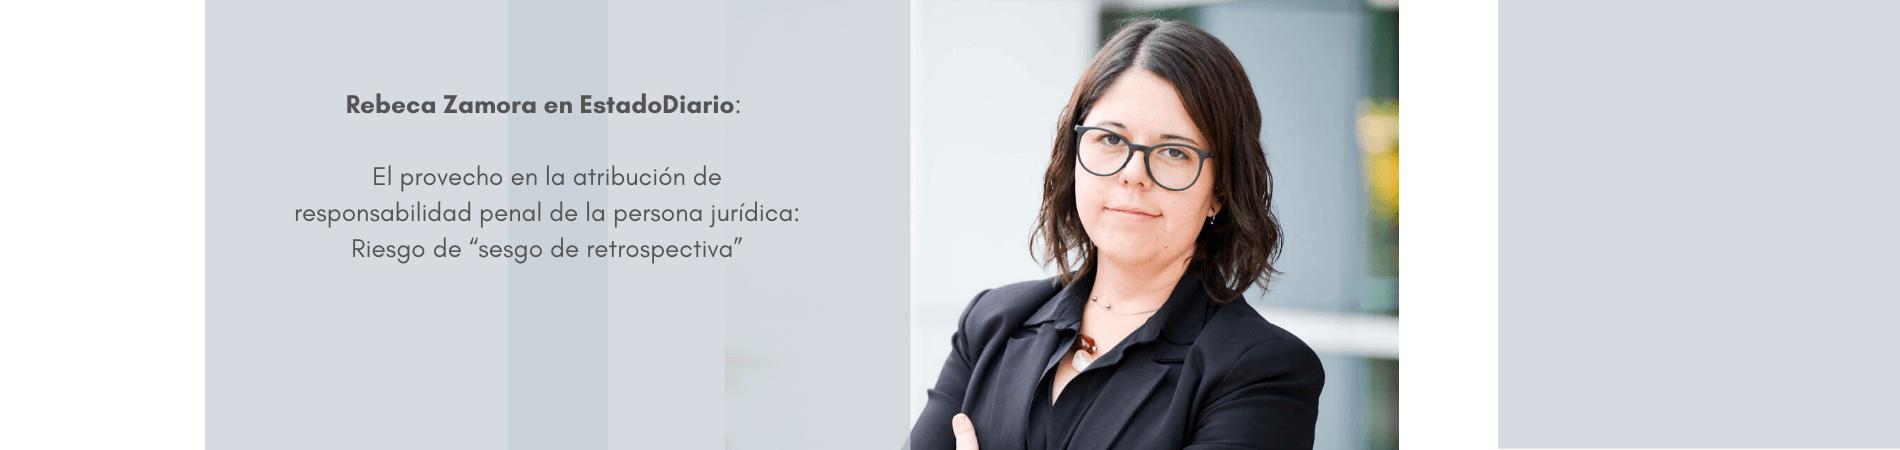 """Rebeca Zamora en Estado Diario – El provecho en la atribución de responsabilidad penal de la persona jurídica: Riesgo de """"sesgo de retrospectiva"""""""